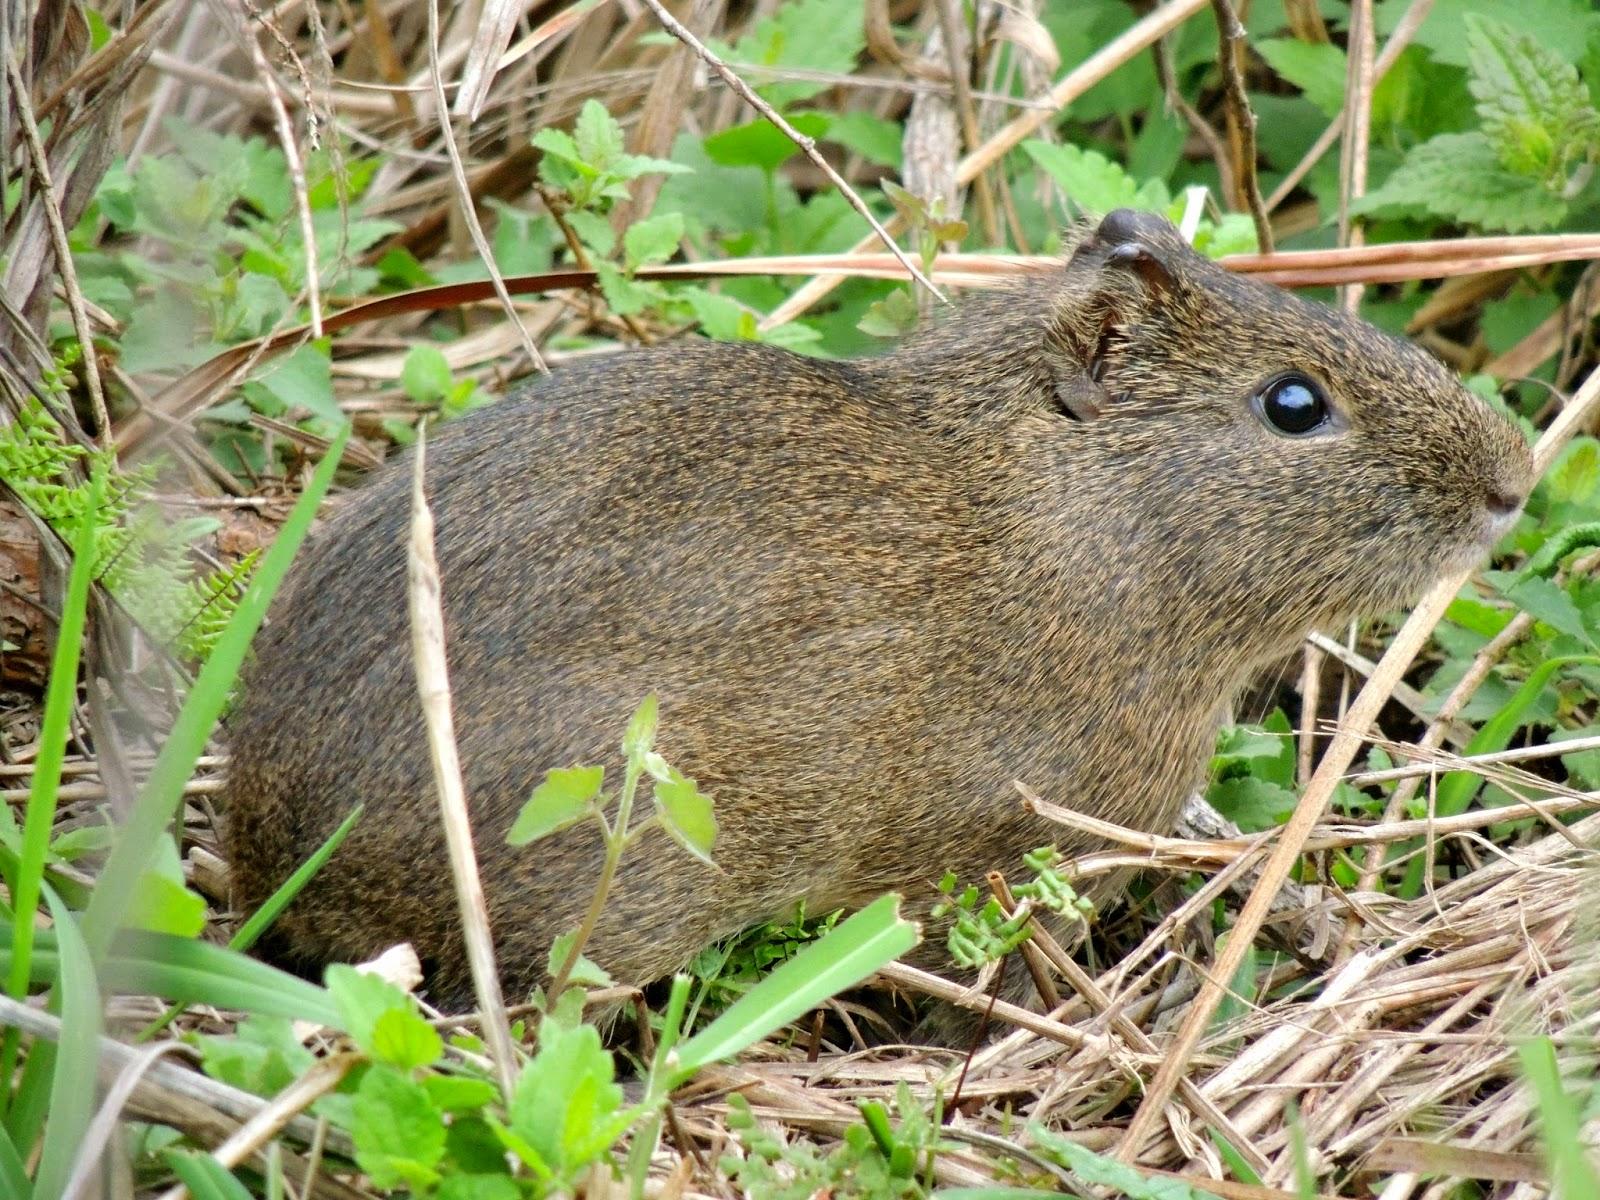 Préa (Cavia aperea), curiosidades e sua importância na manutenção da biodiversidade